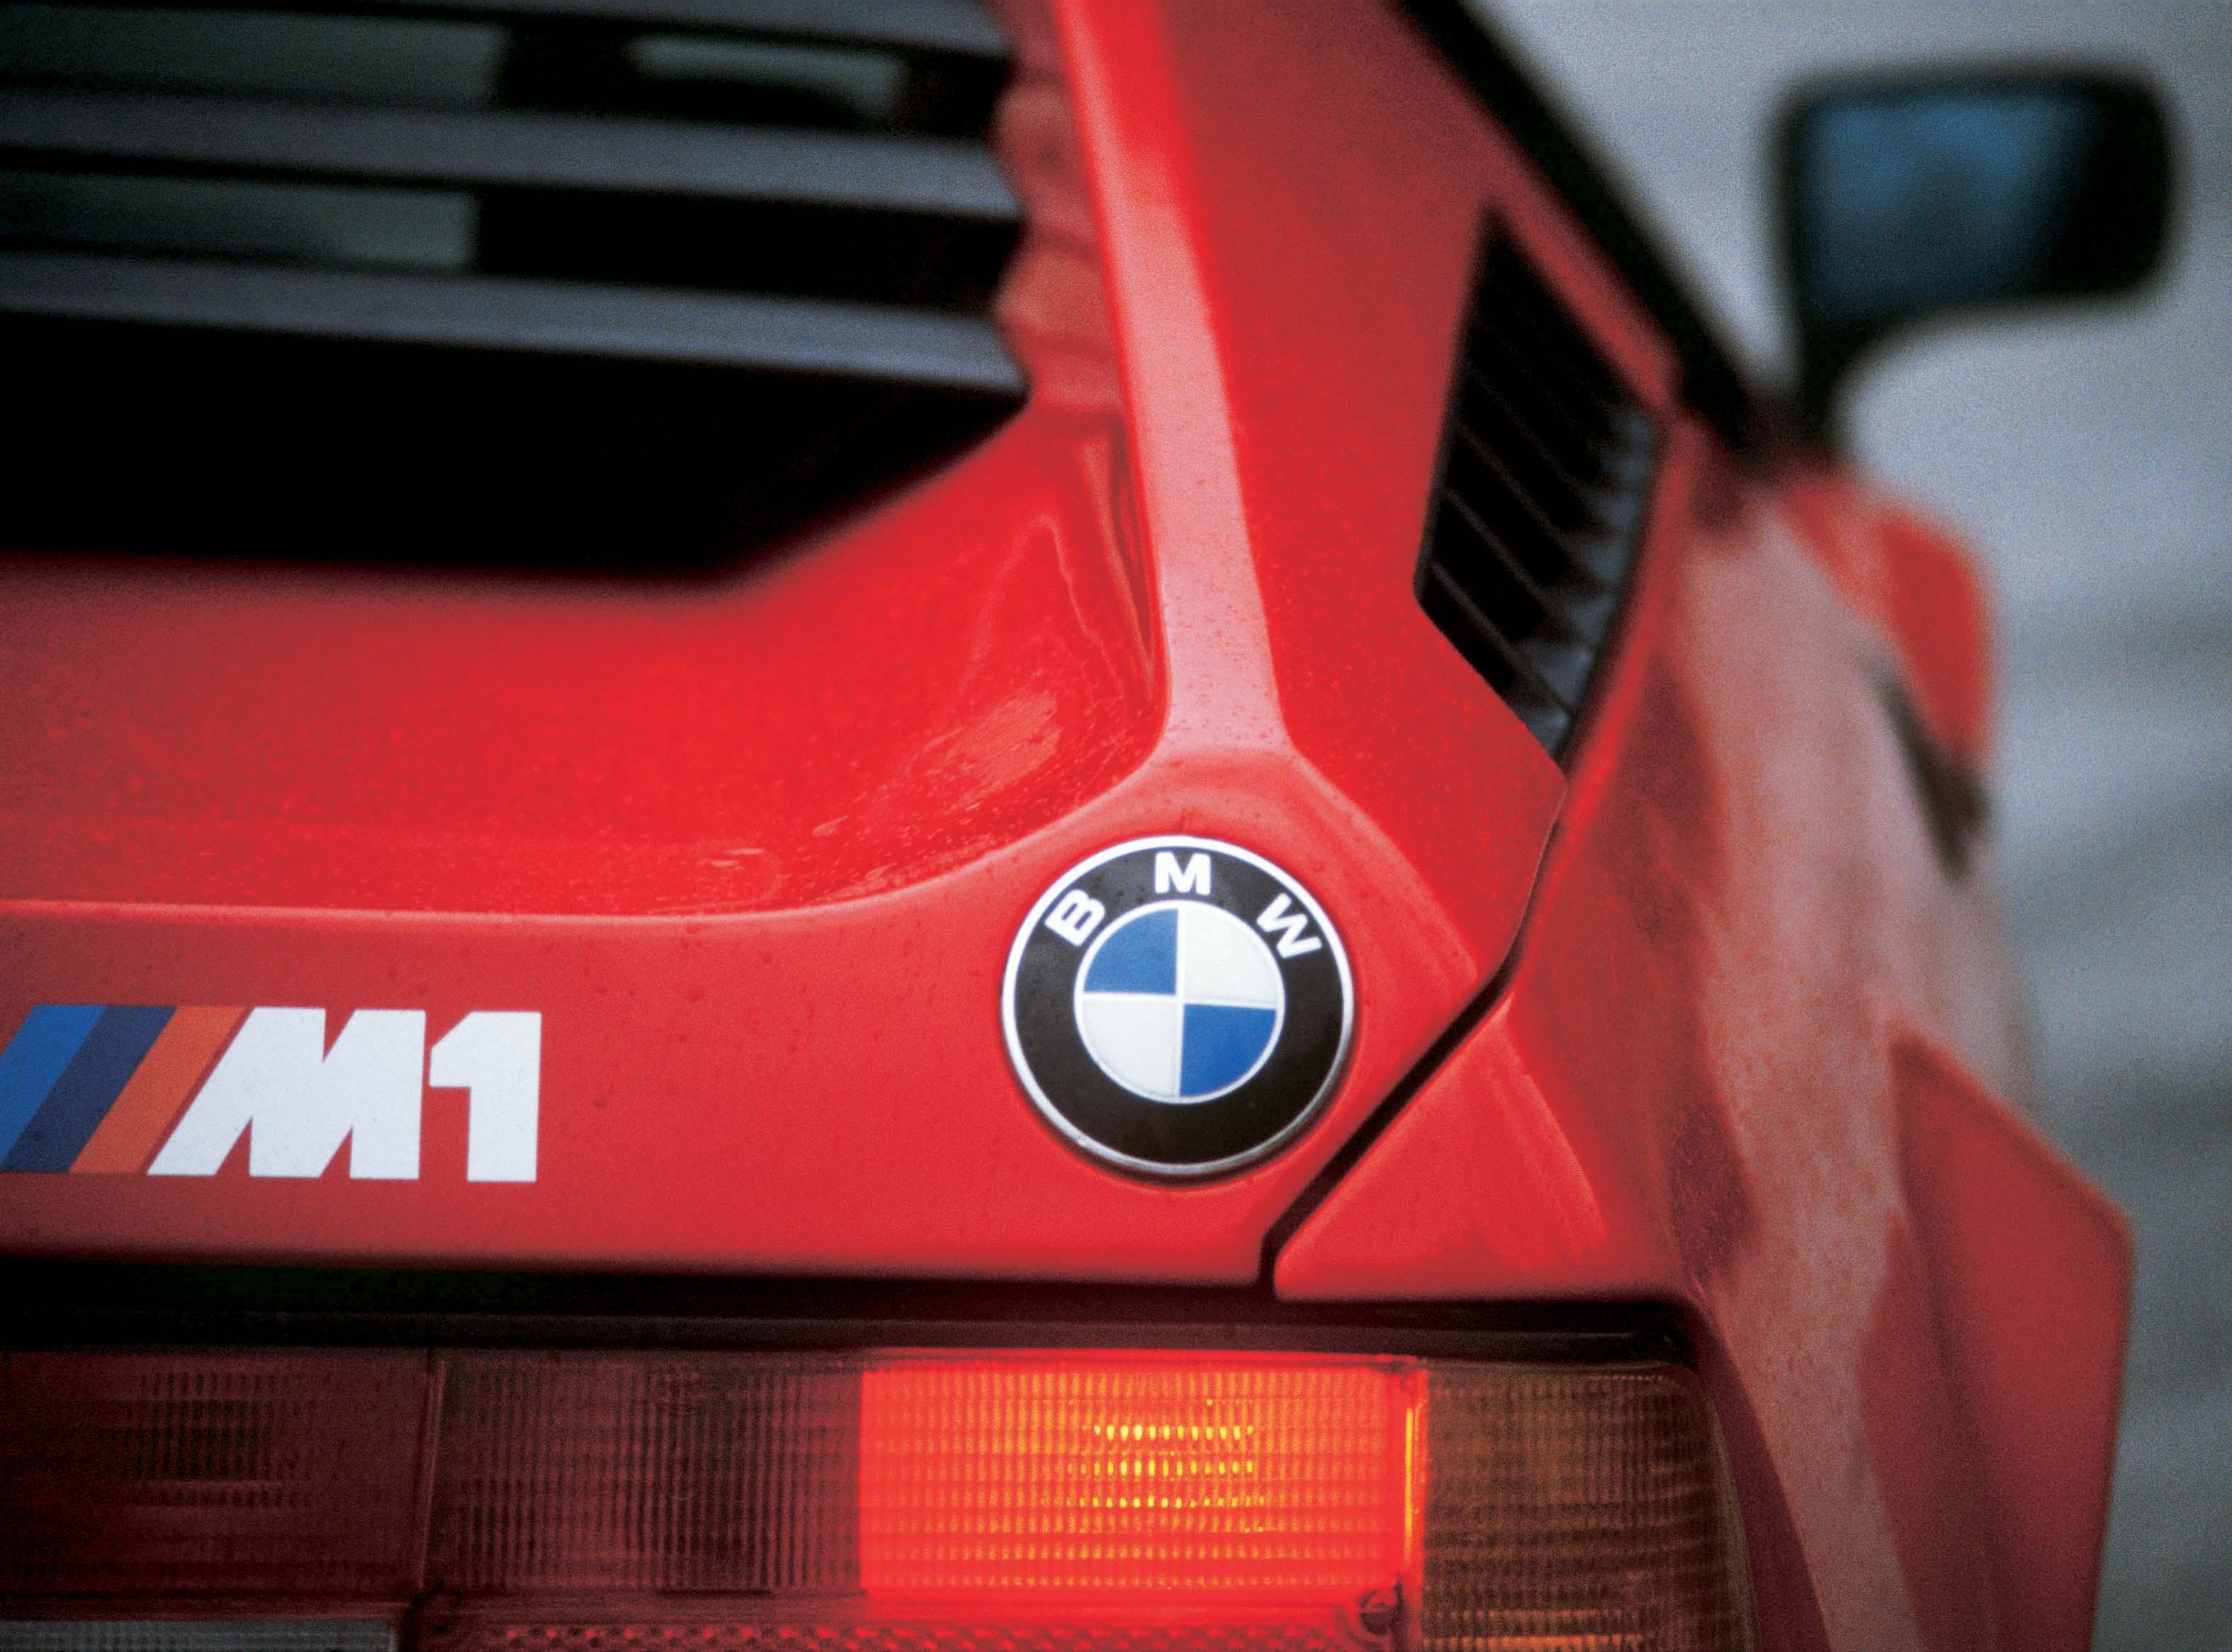 BMW M1 badge cropped shot